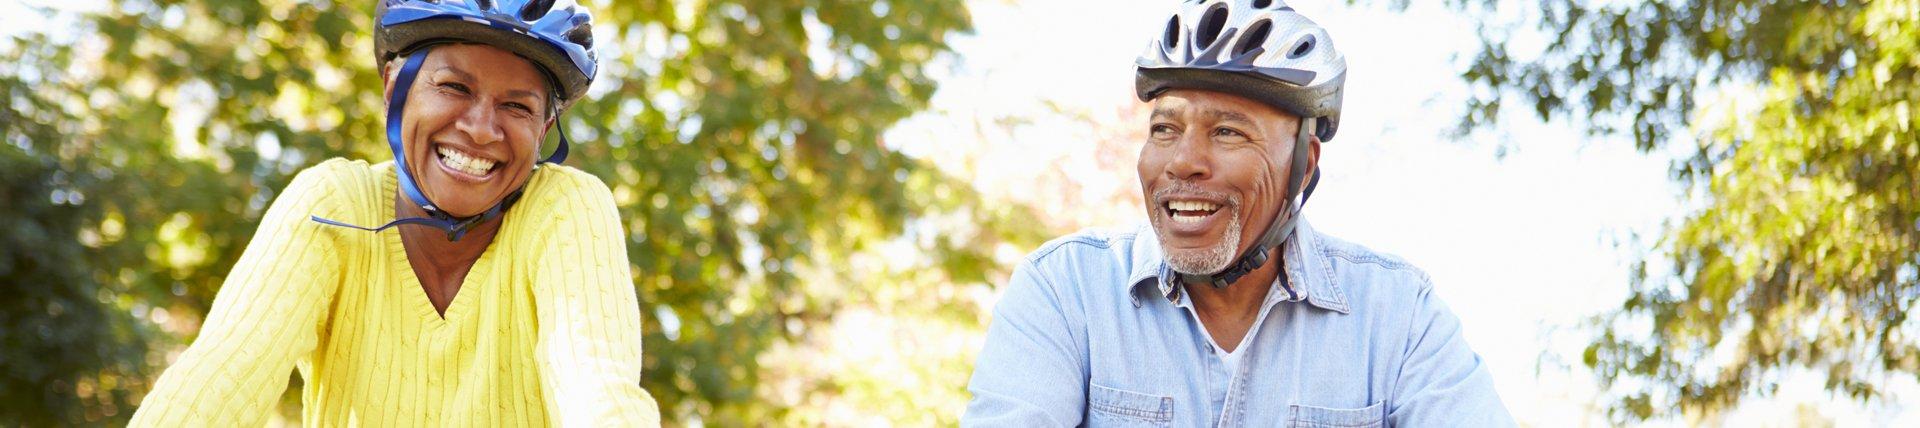 Community Wellness Kinston NC - Lighten Up Lenoir